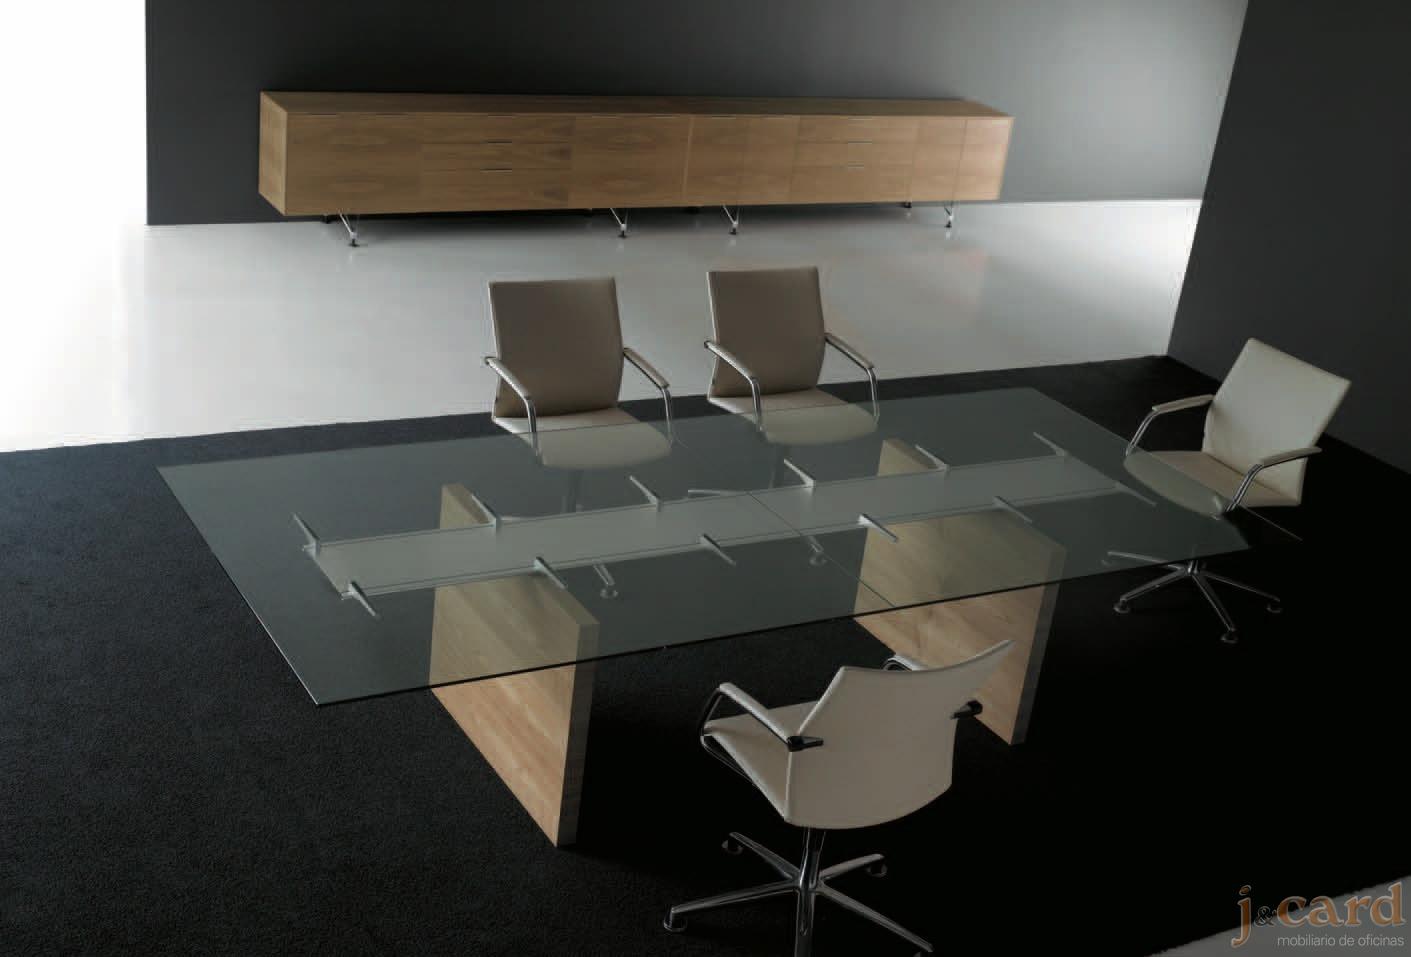 J card 5 estudio de planificaci n y venta de mobiliario de oficina despacho bka2 - Mesas de estudio de cristal ...